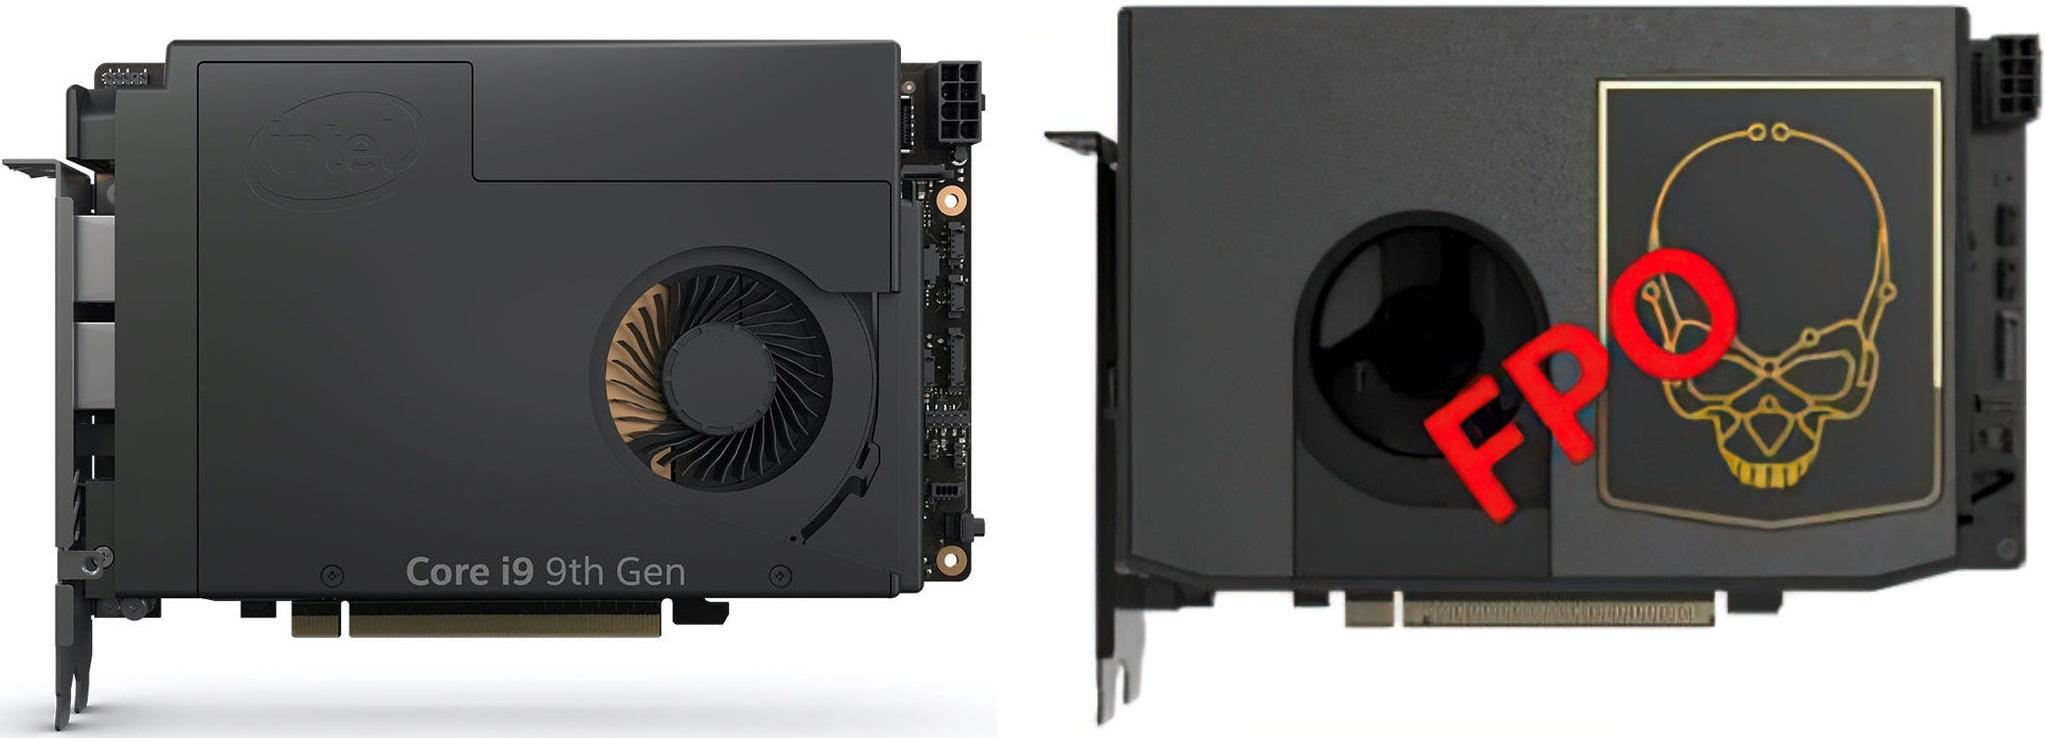 Intel работает над новым Compute Element для модульных компьютеров